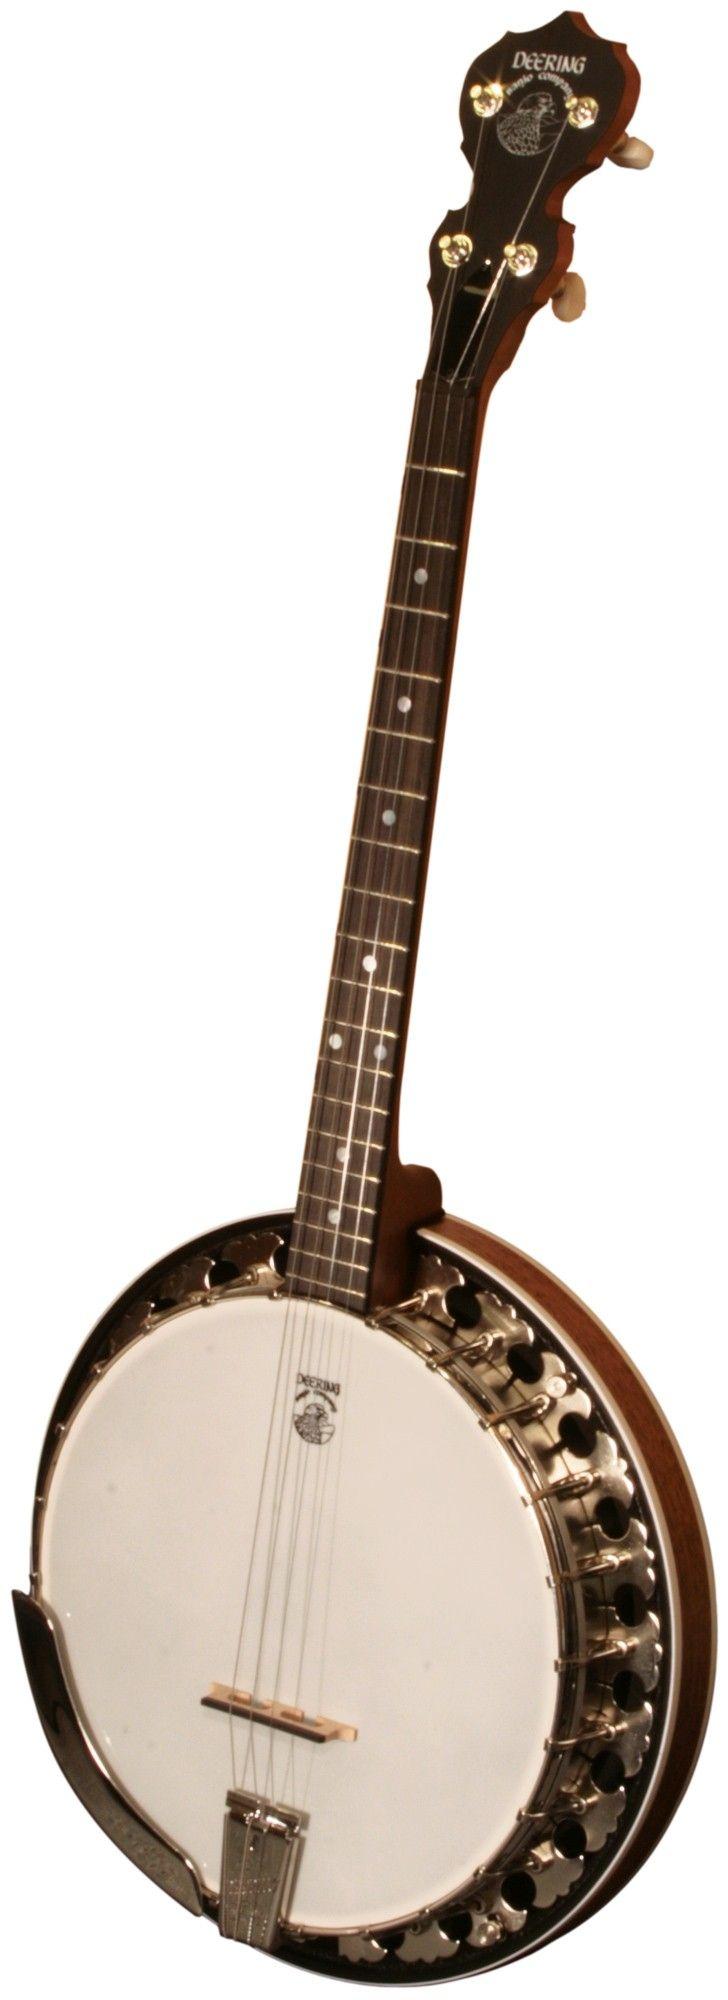 deering used banjo for sale at. Black Bedroom Furniture Sets. Home Design Ideas